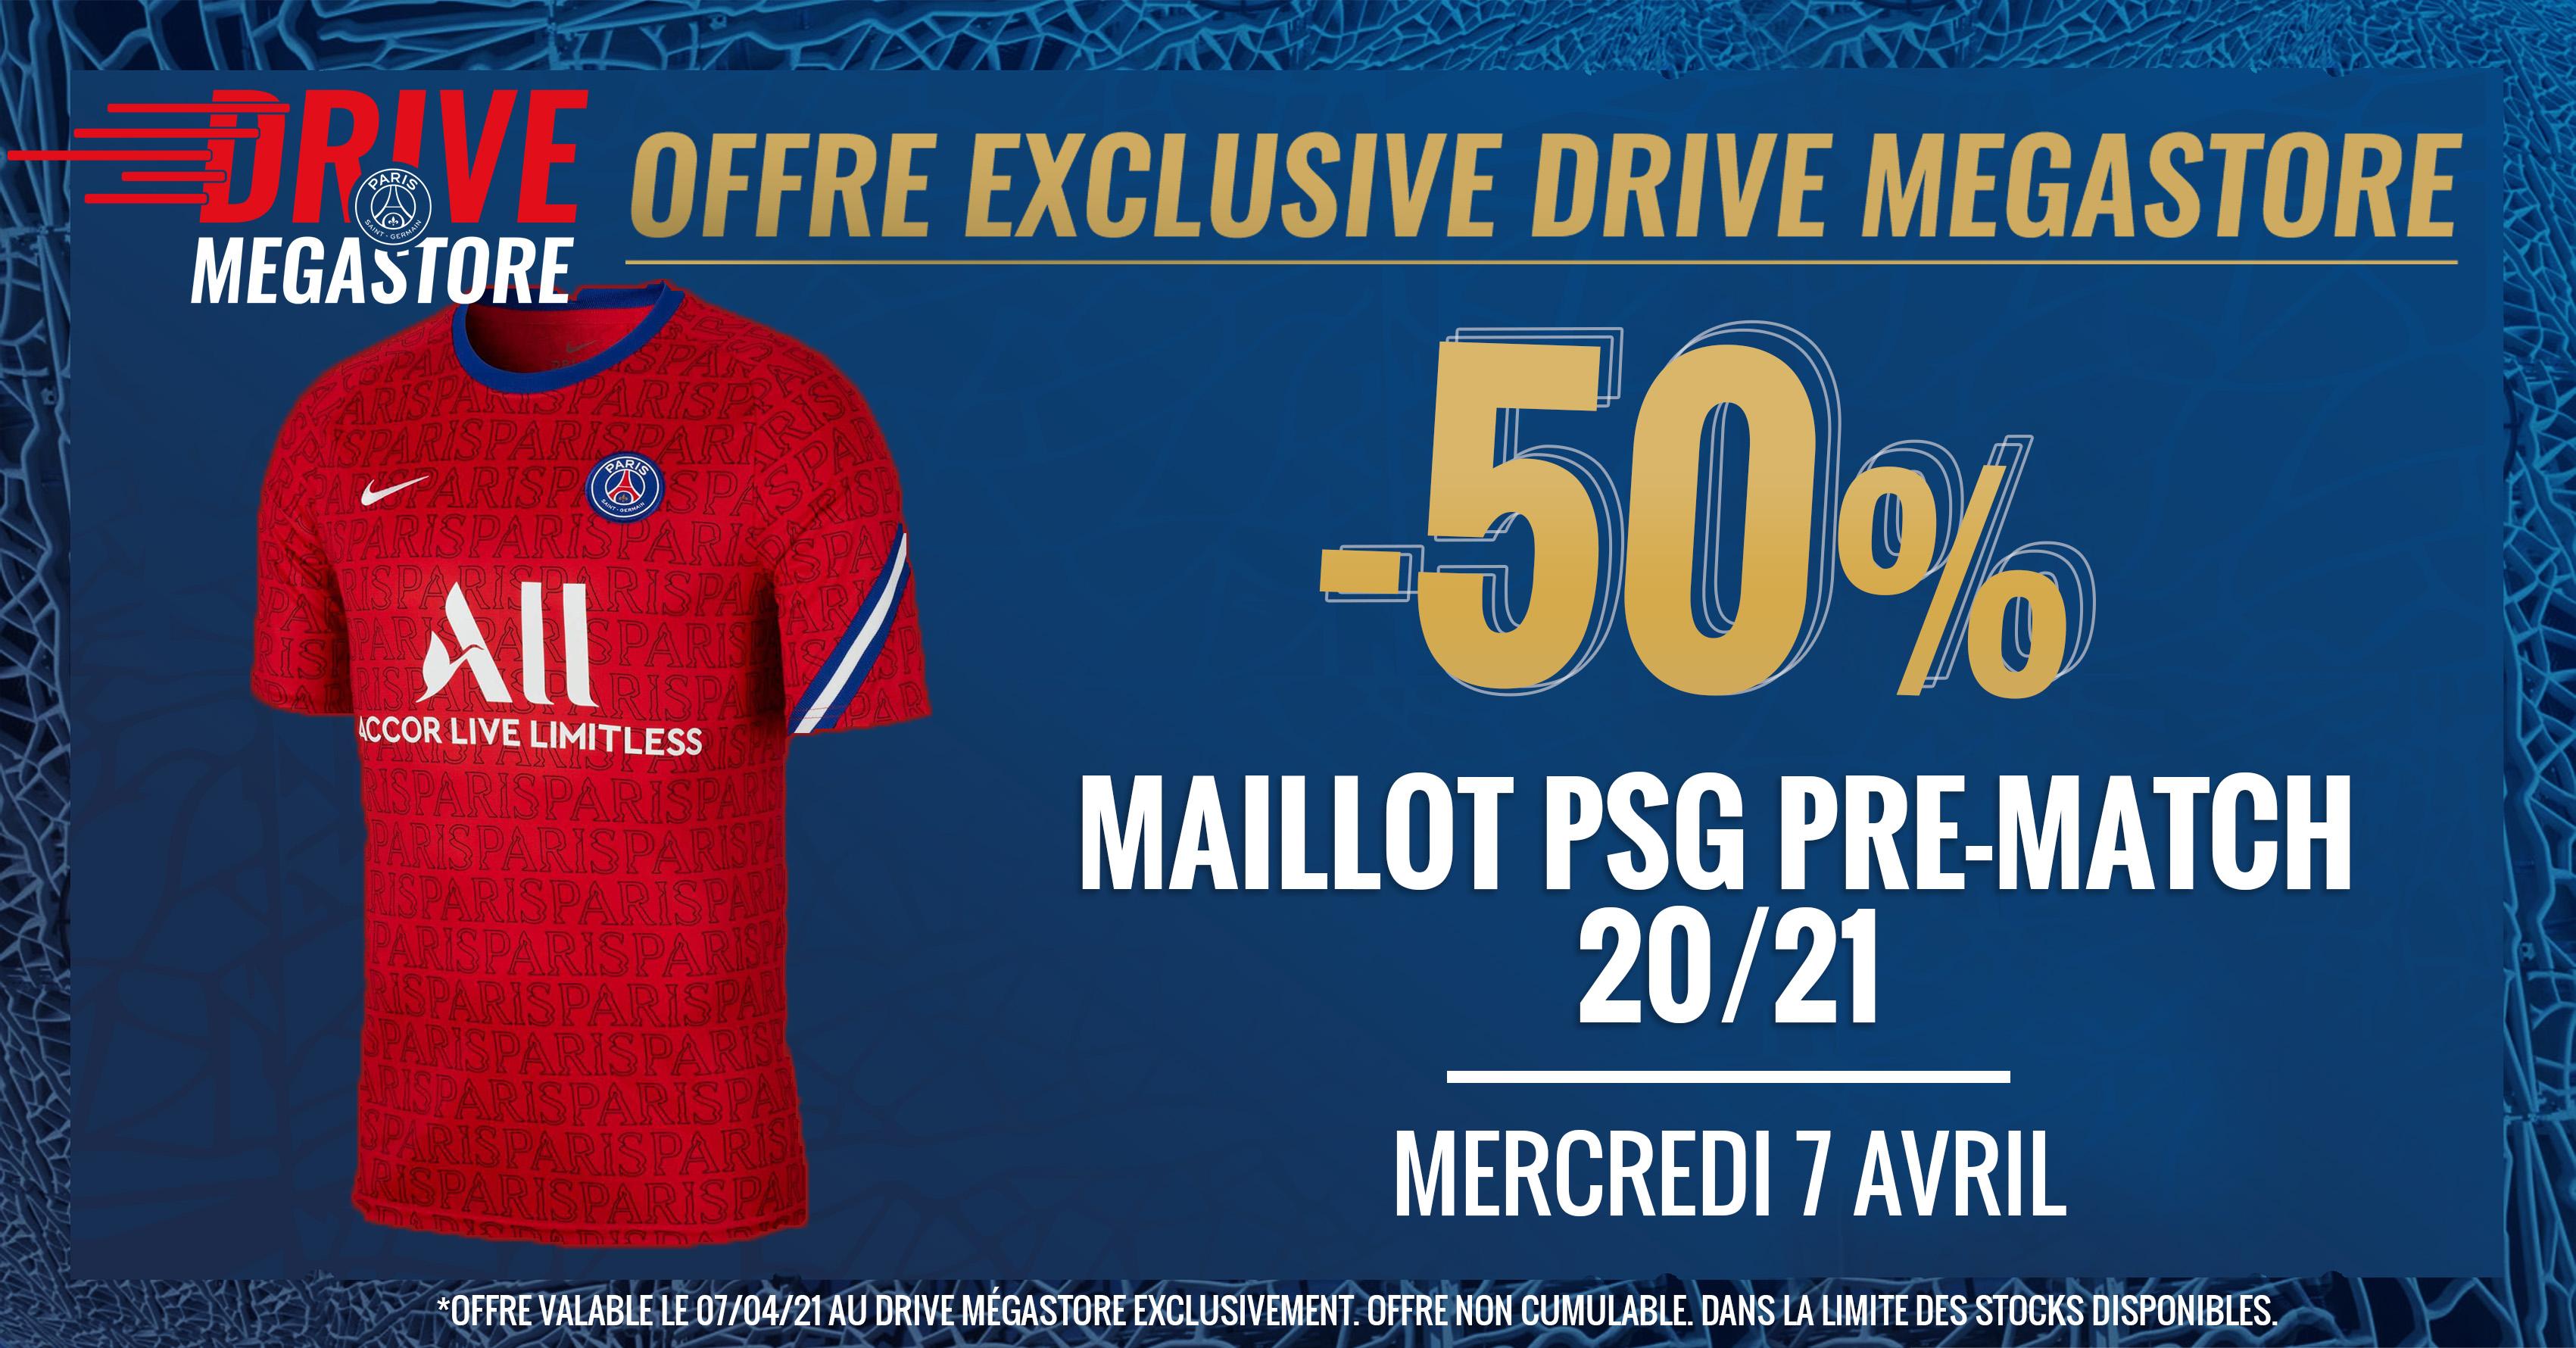 Sélection d'offres promotionnelles - Ex : 50% de réduction sur le maillot PSG pré-match - Paris (75)